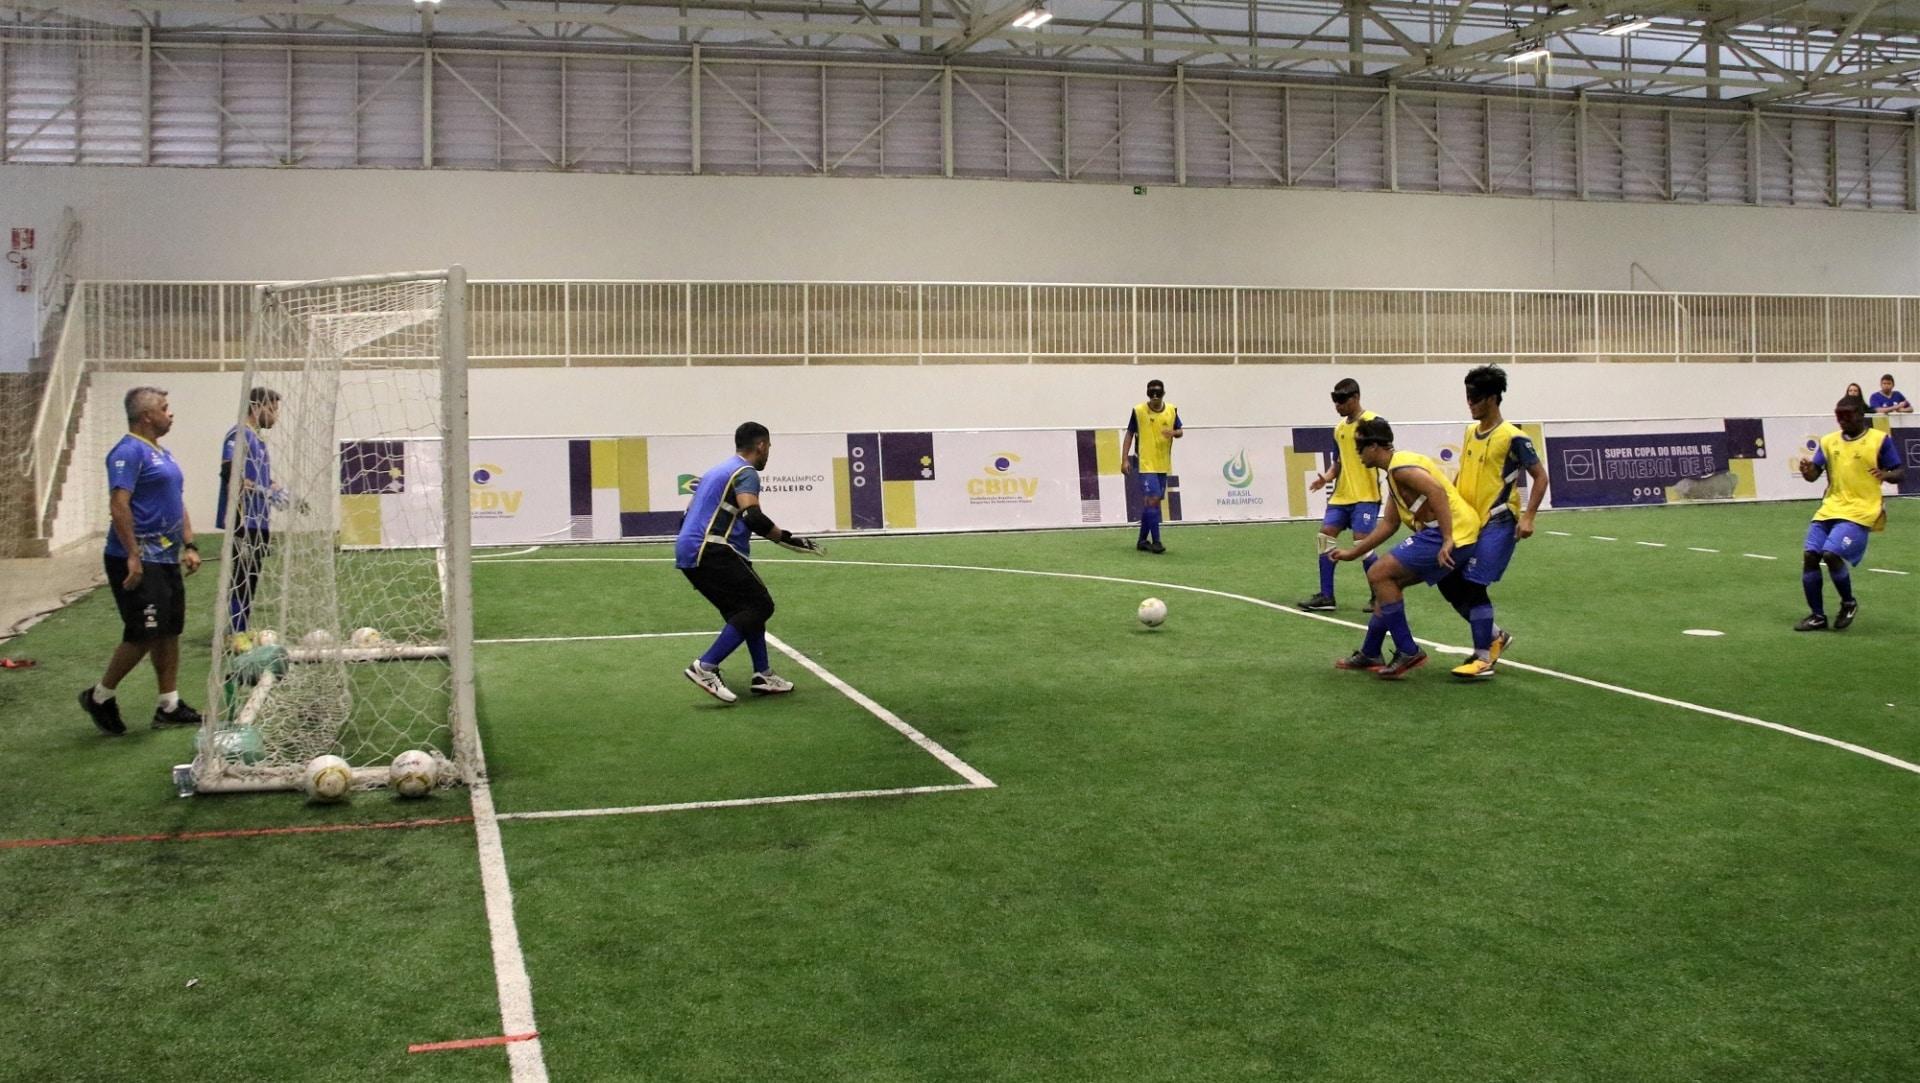 futebol 5 e goalball retomam as atividades